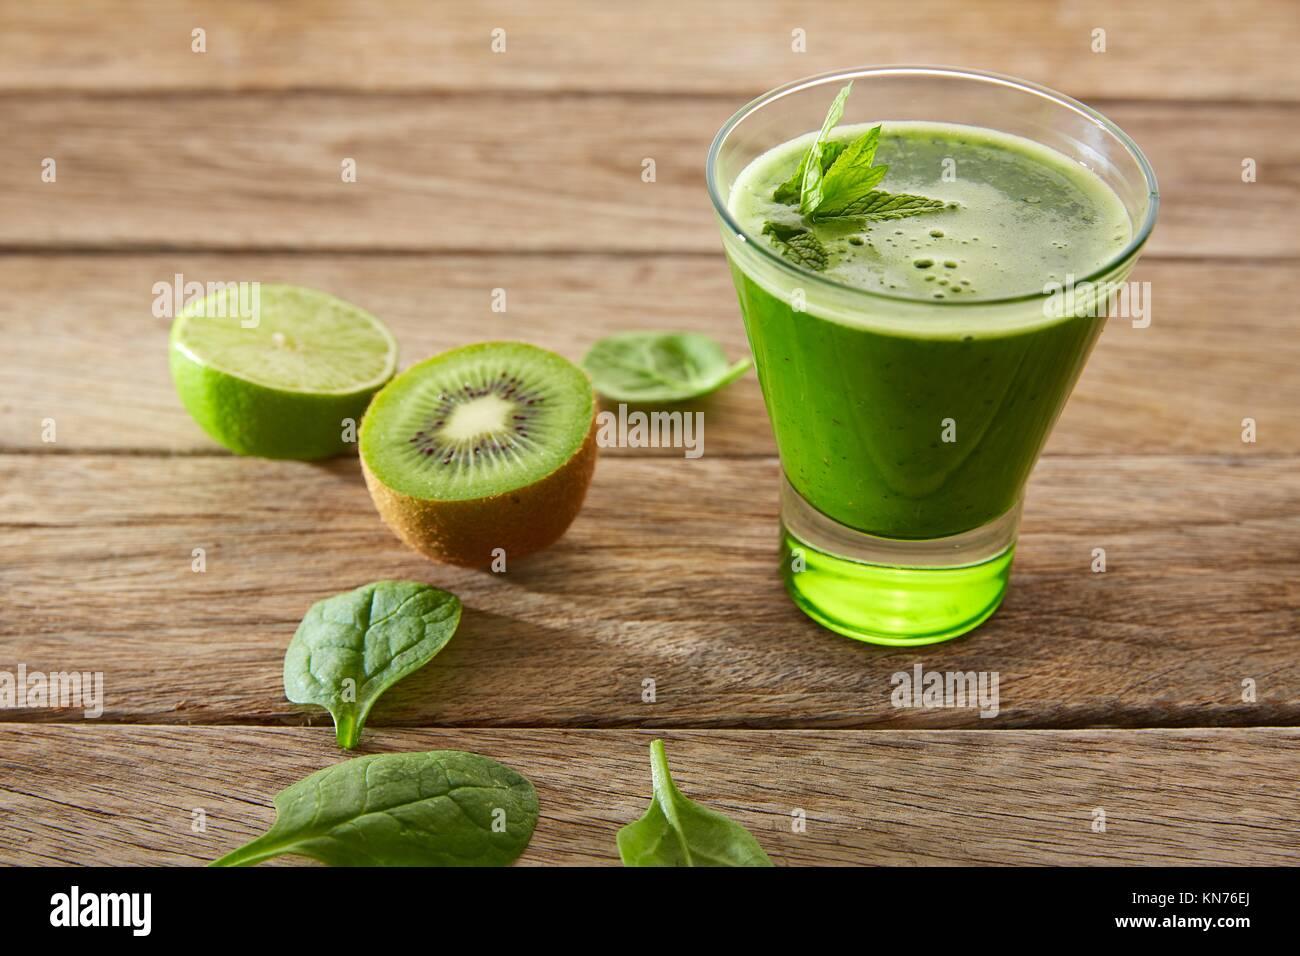 Detox jus vert nettoyage ethnique recette avec des épinards concombre citron kiwi aussi. Photo Stock